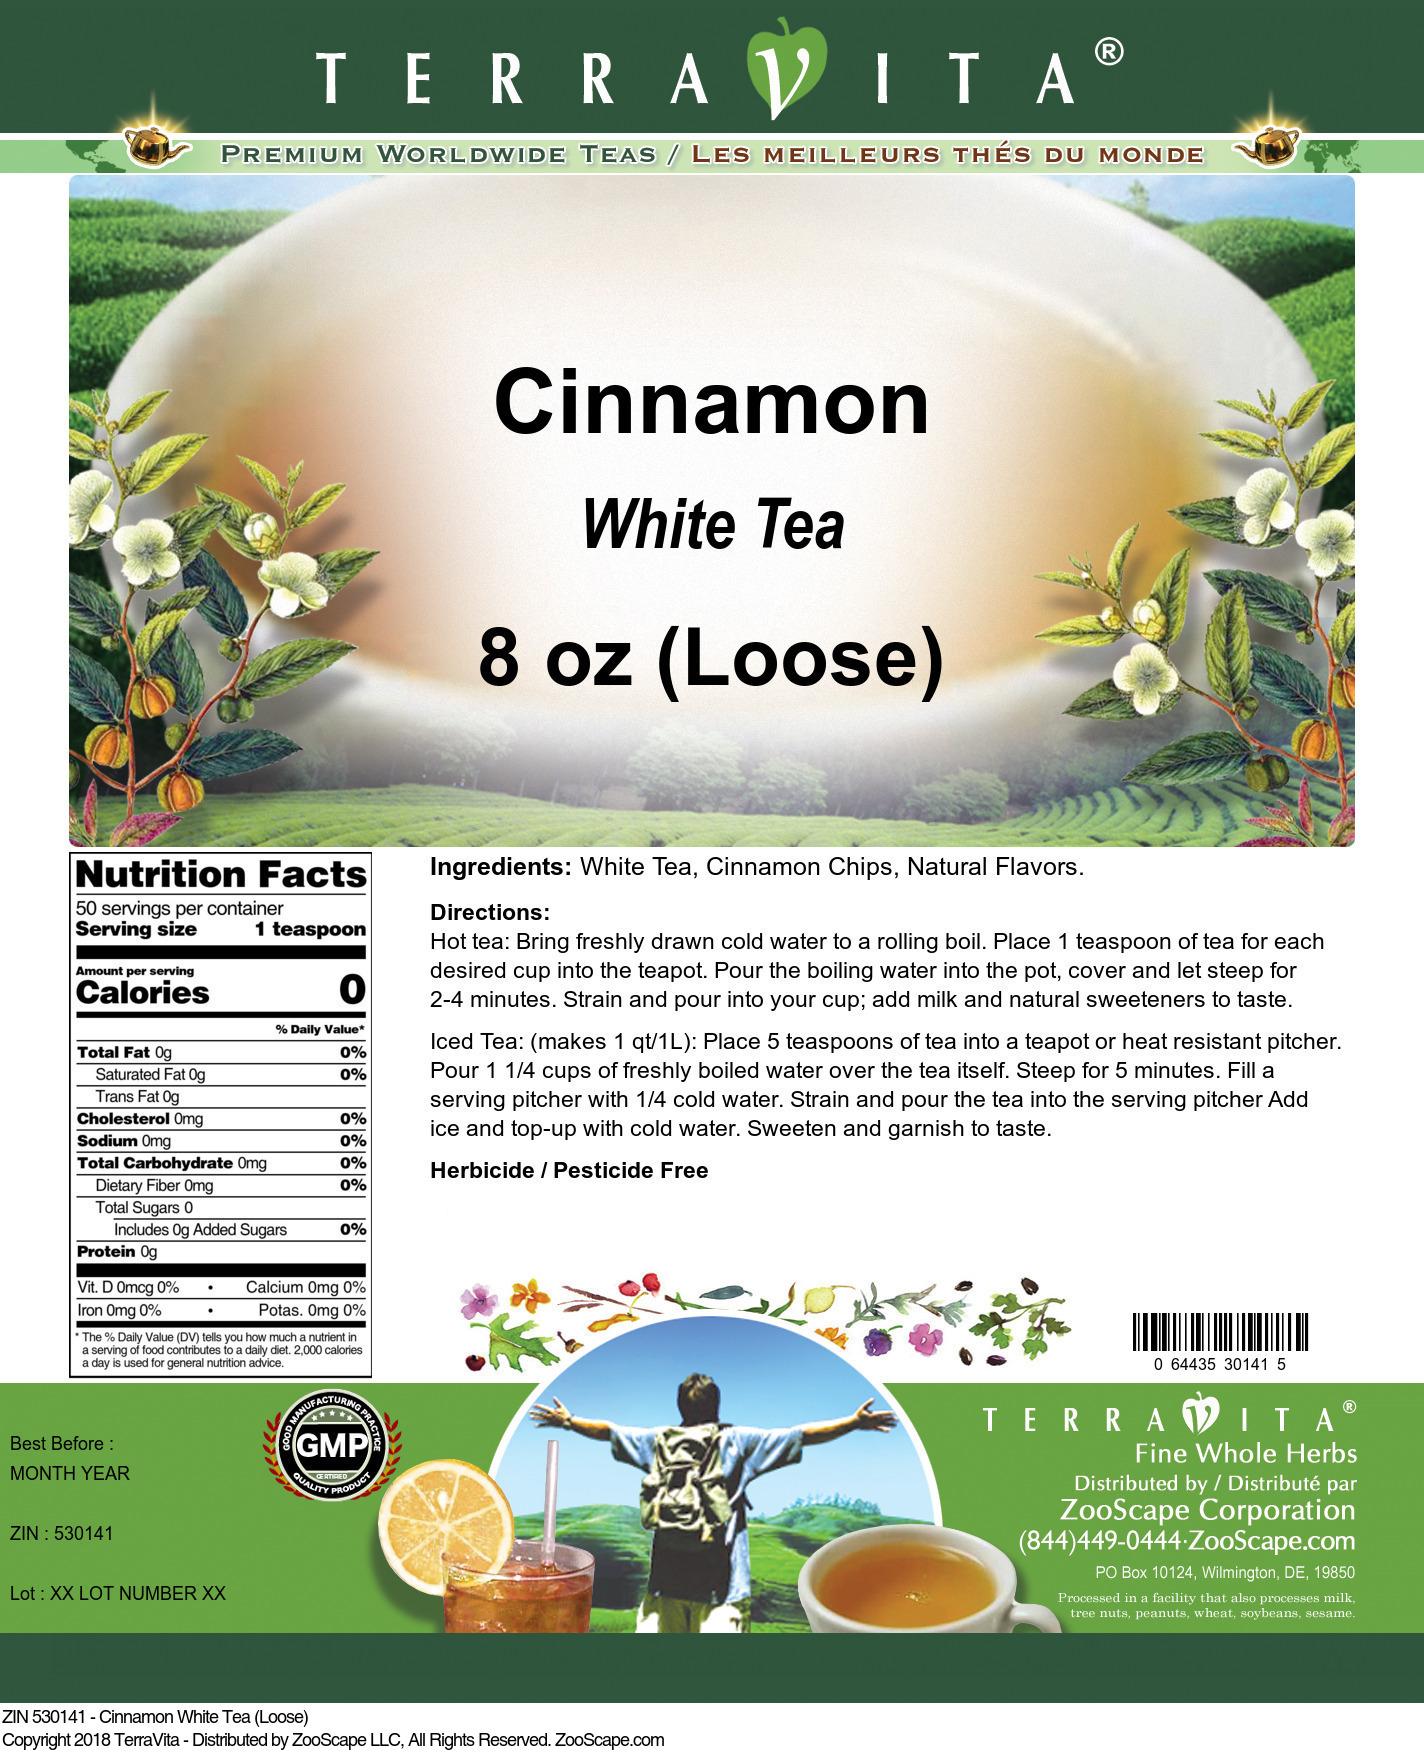 Cinnamon White Tea (Loose)